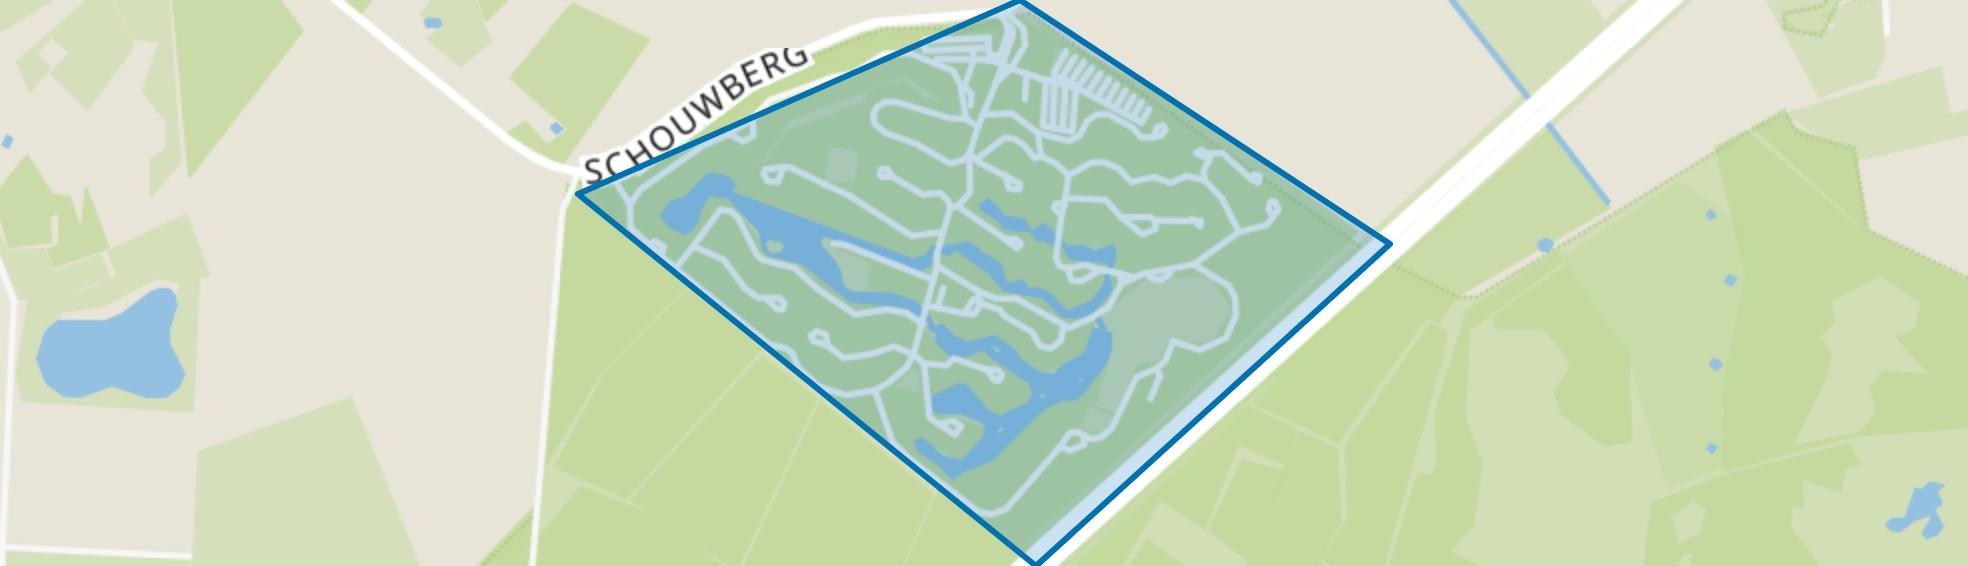 Hapert Het Vennenbos, Hapert map